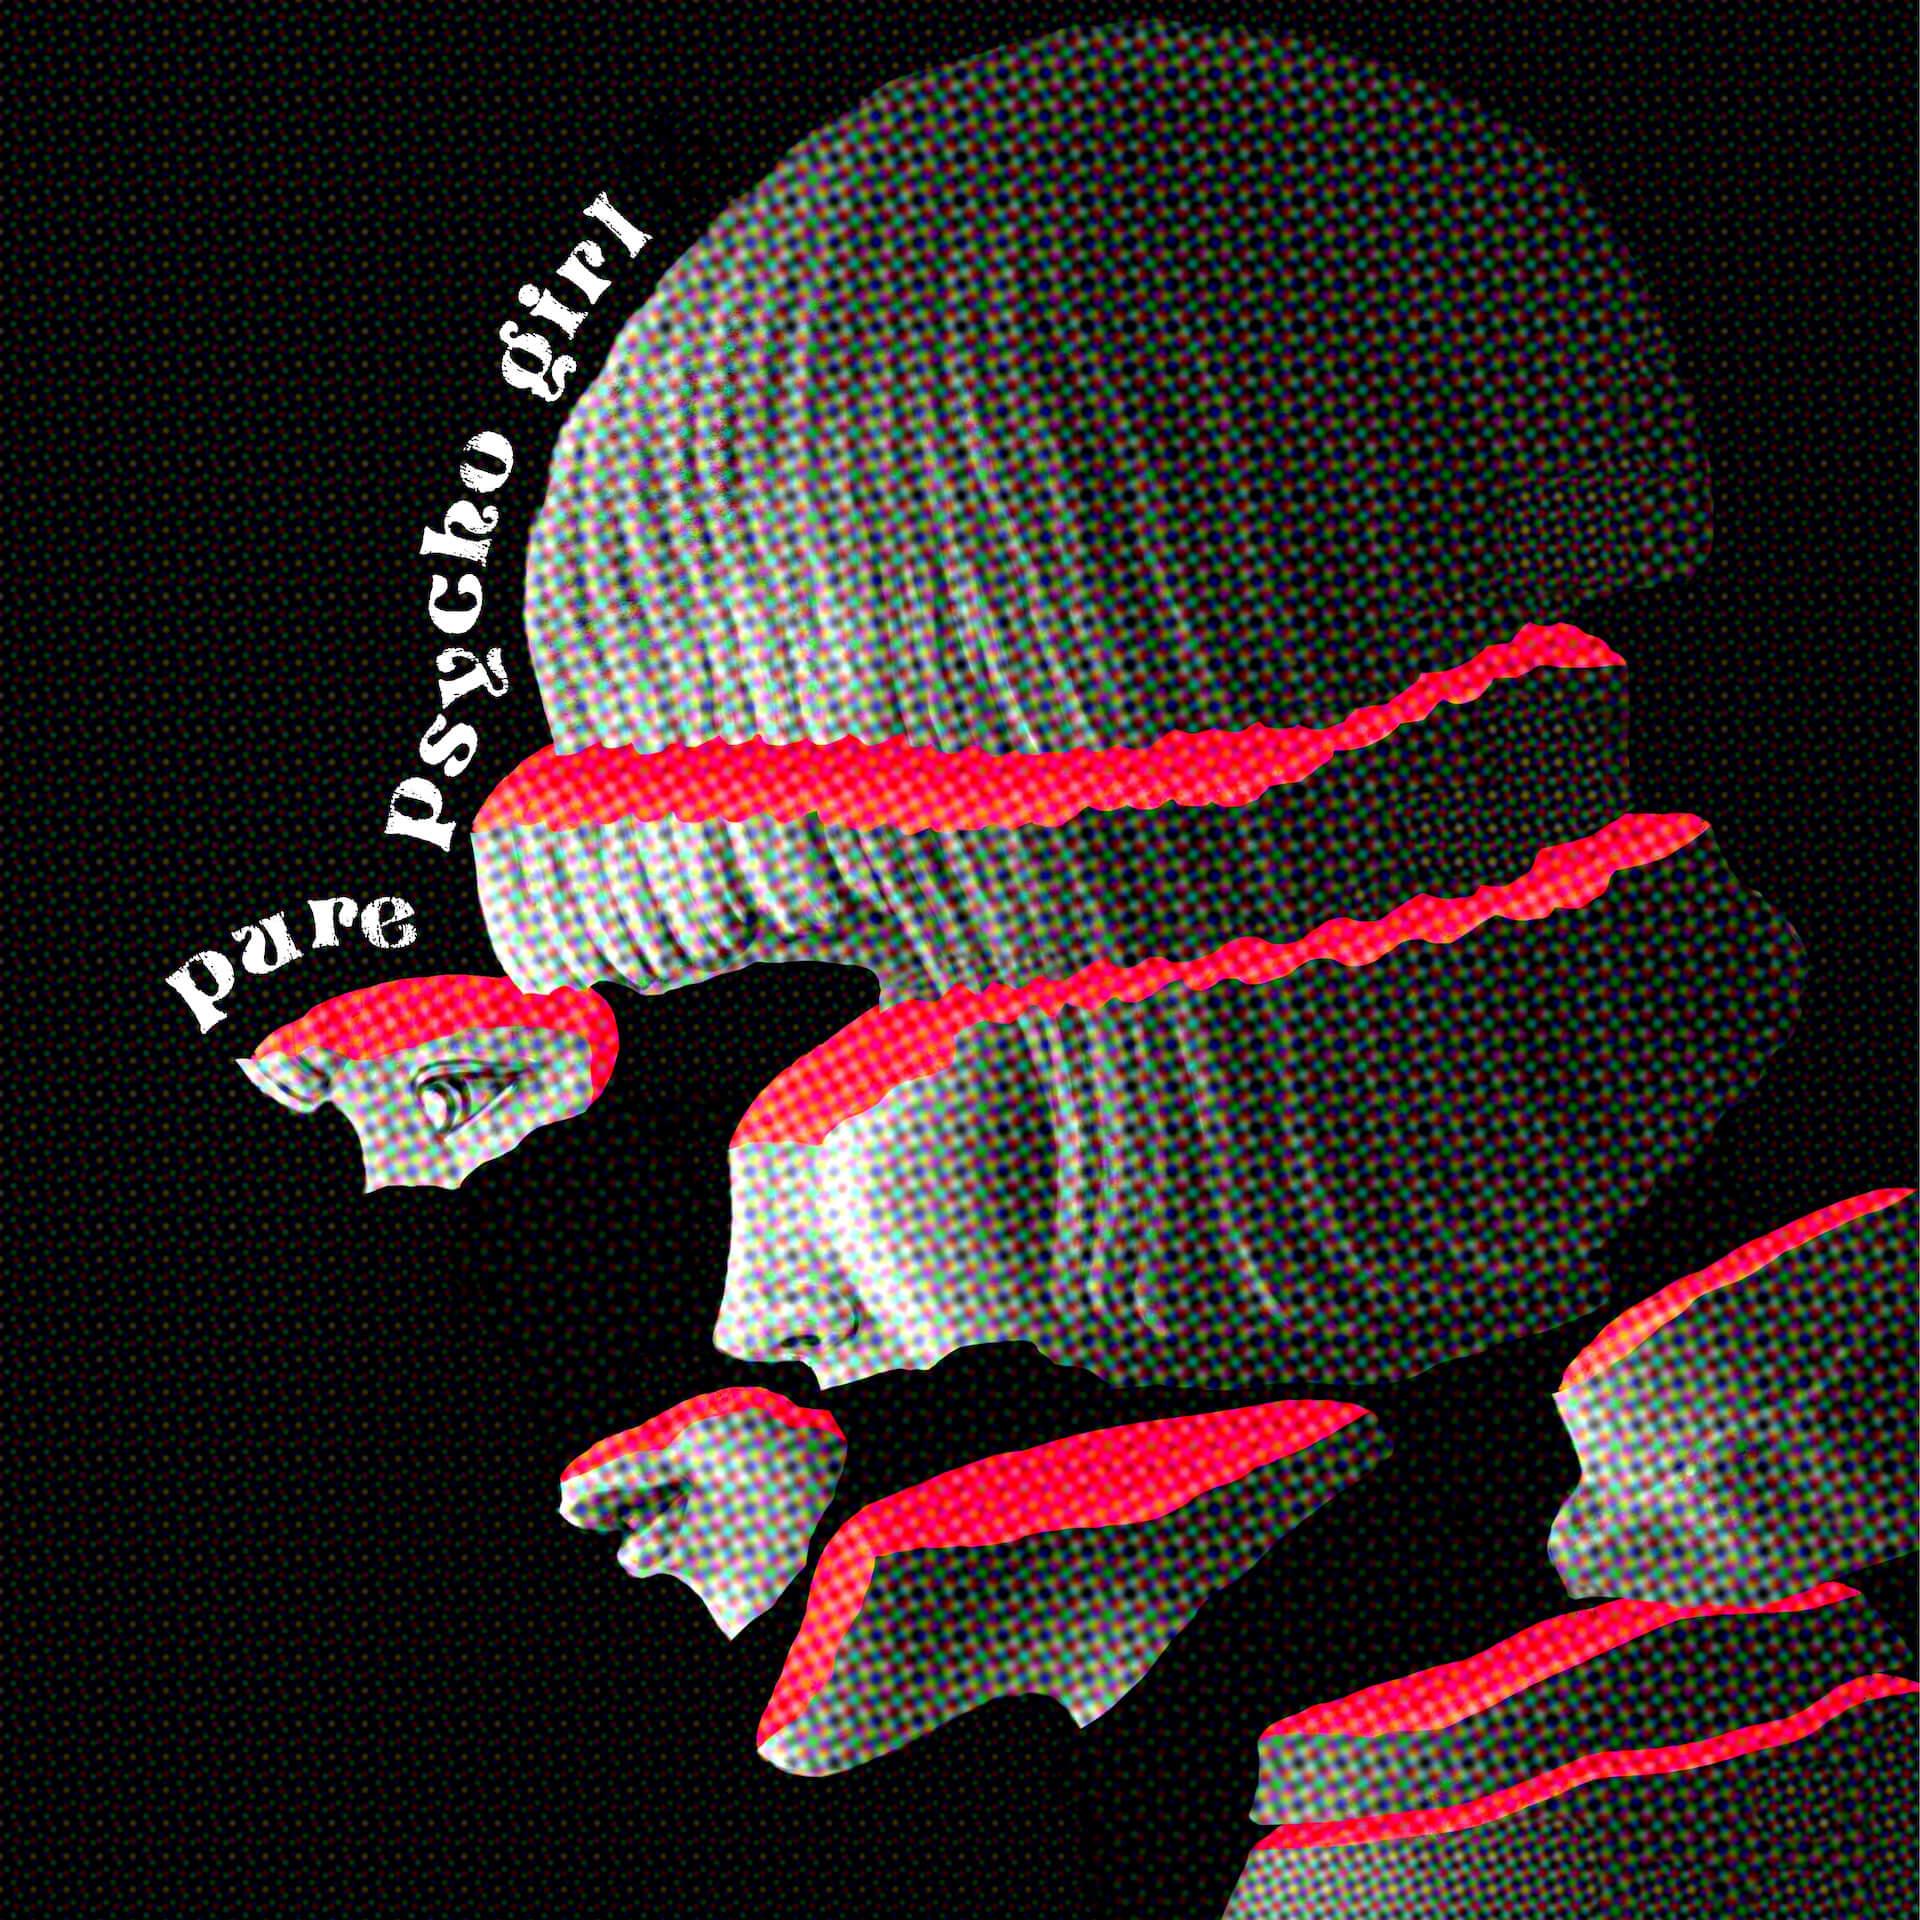 """今年のフジロックROOKIE A GO-GOにも出演するTAMIWがニューシングル""""PurePsychoGirl""""を明日配信リリース! music210803_tamiw_2"""